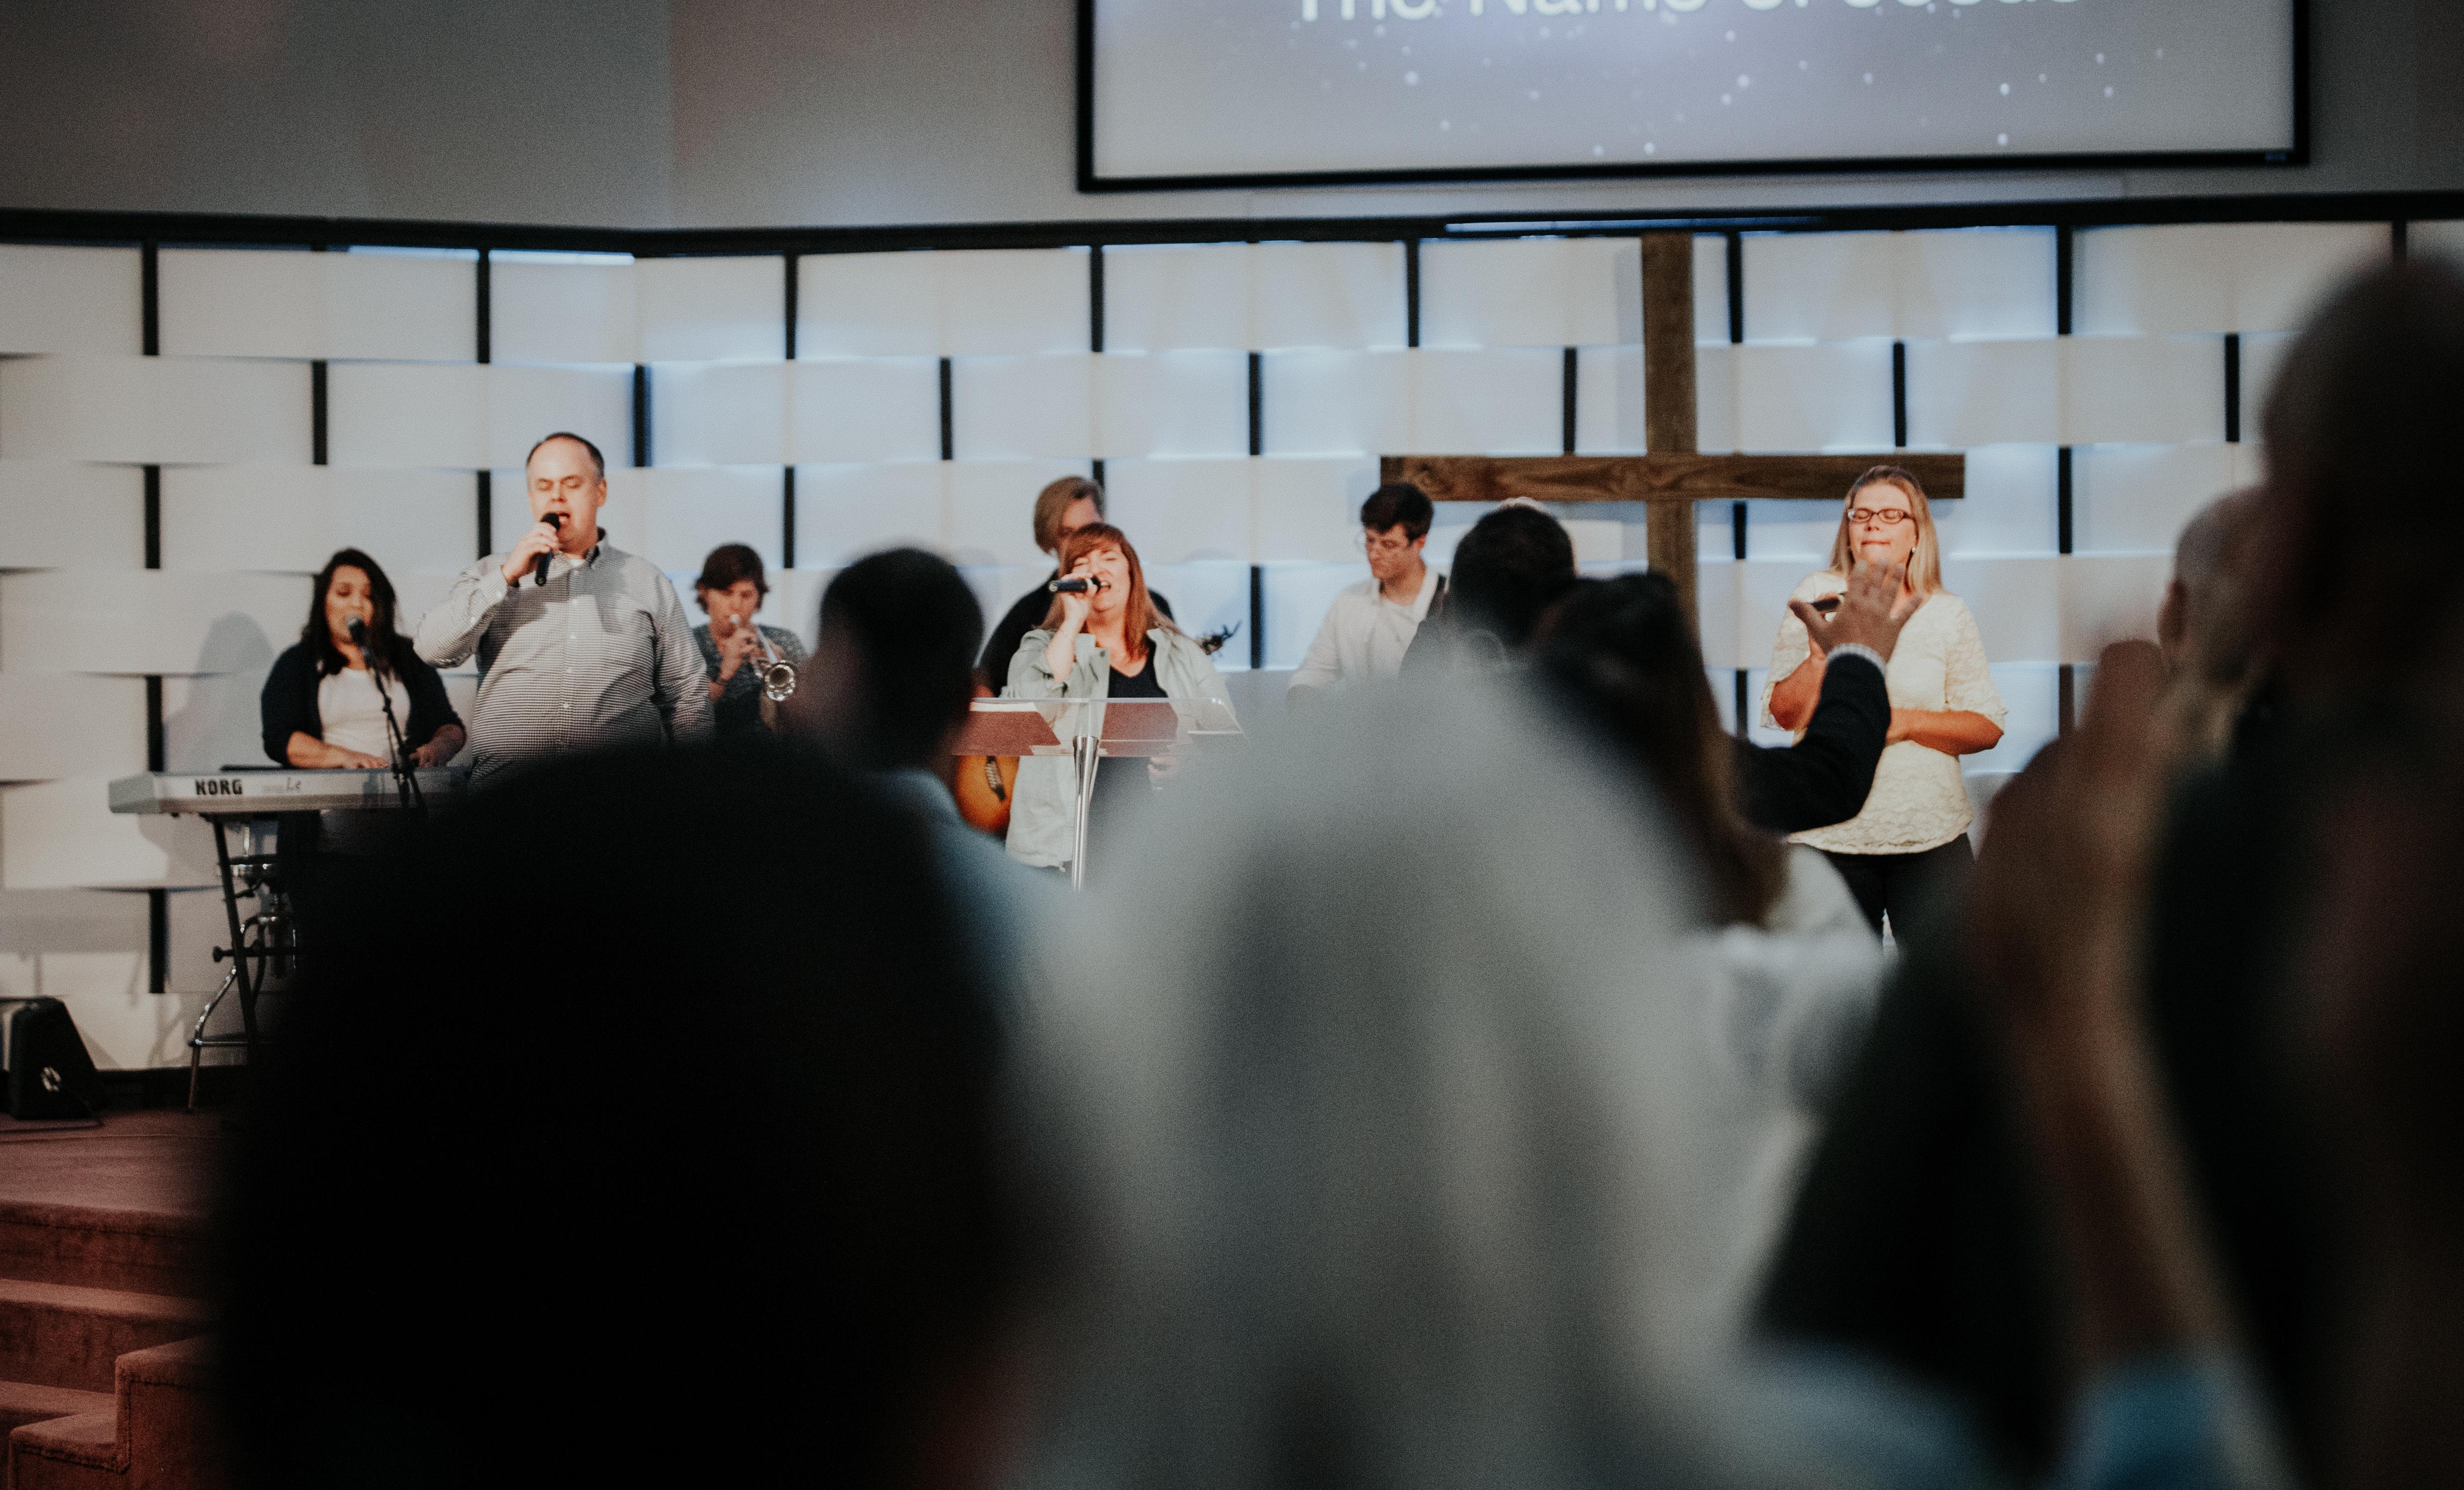 Beliefs - Holt Assembly of God